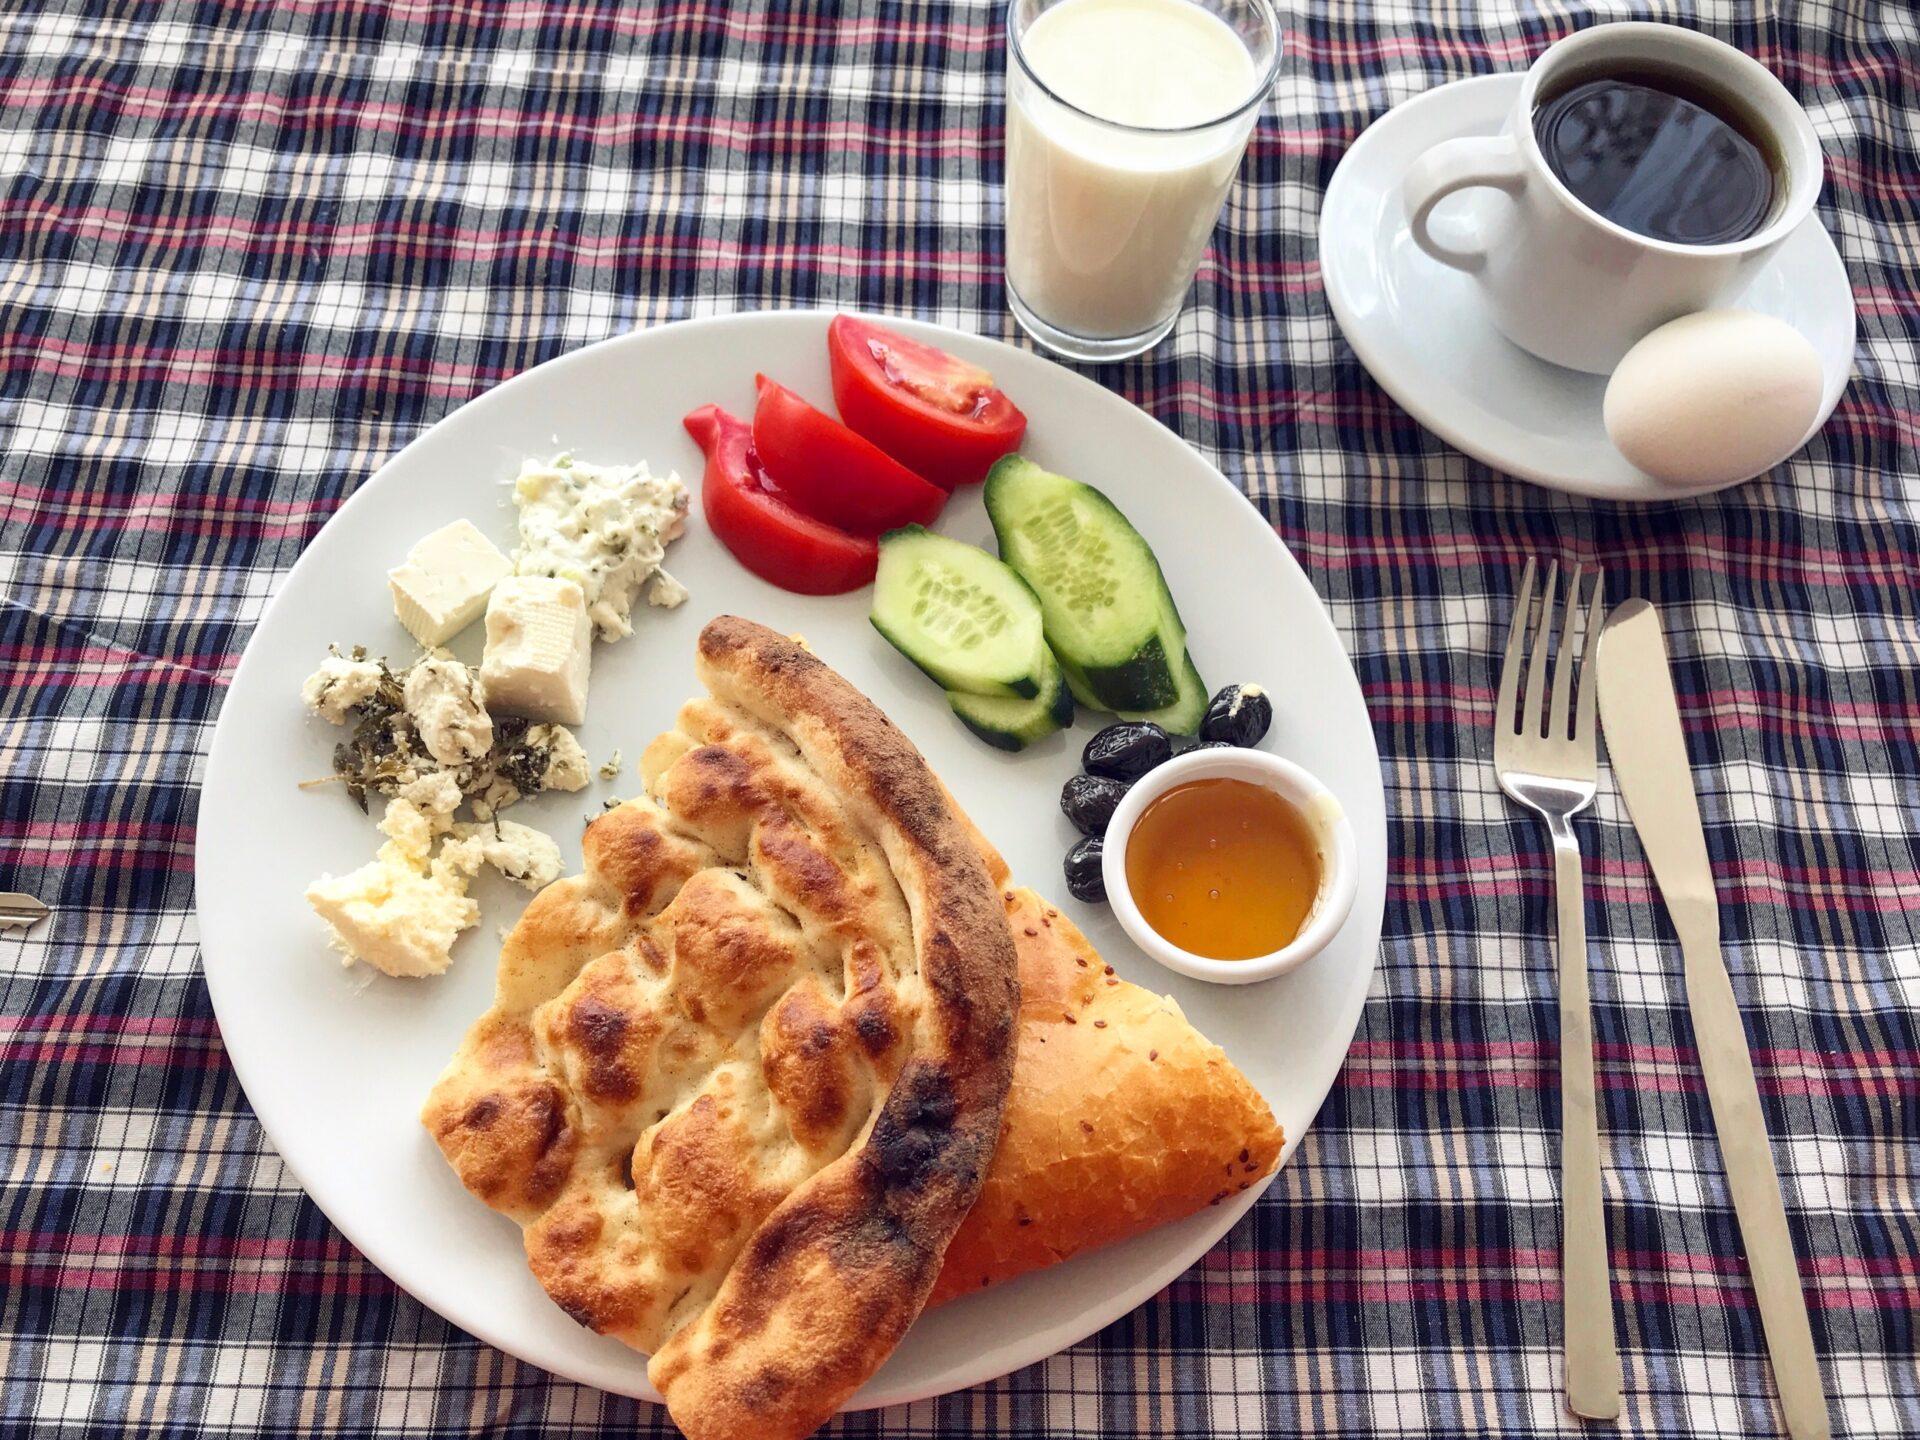 Toprakhotelの朝食